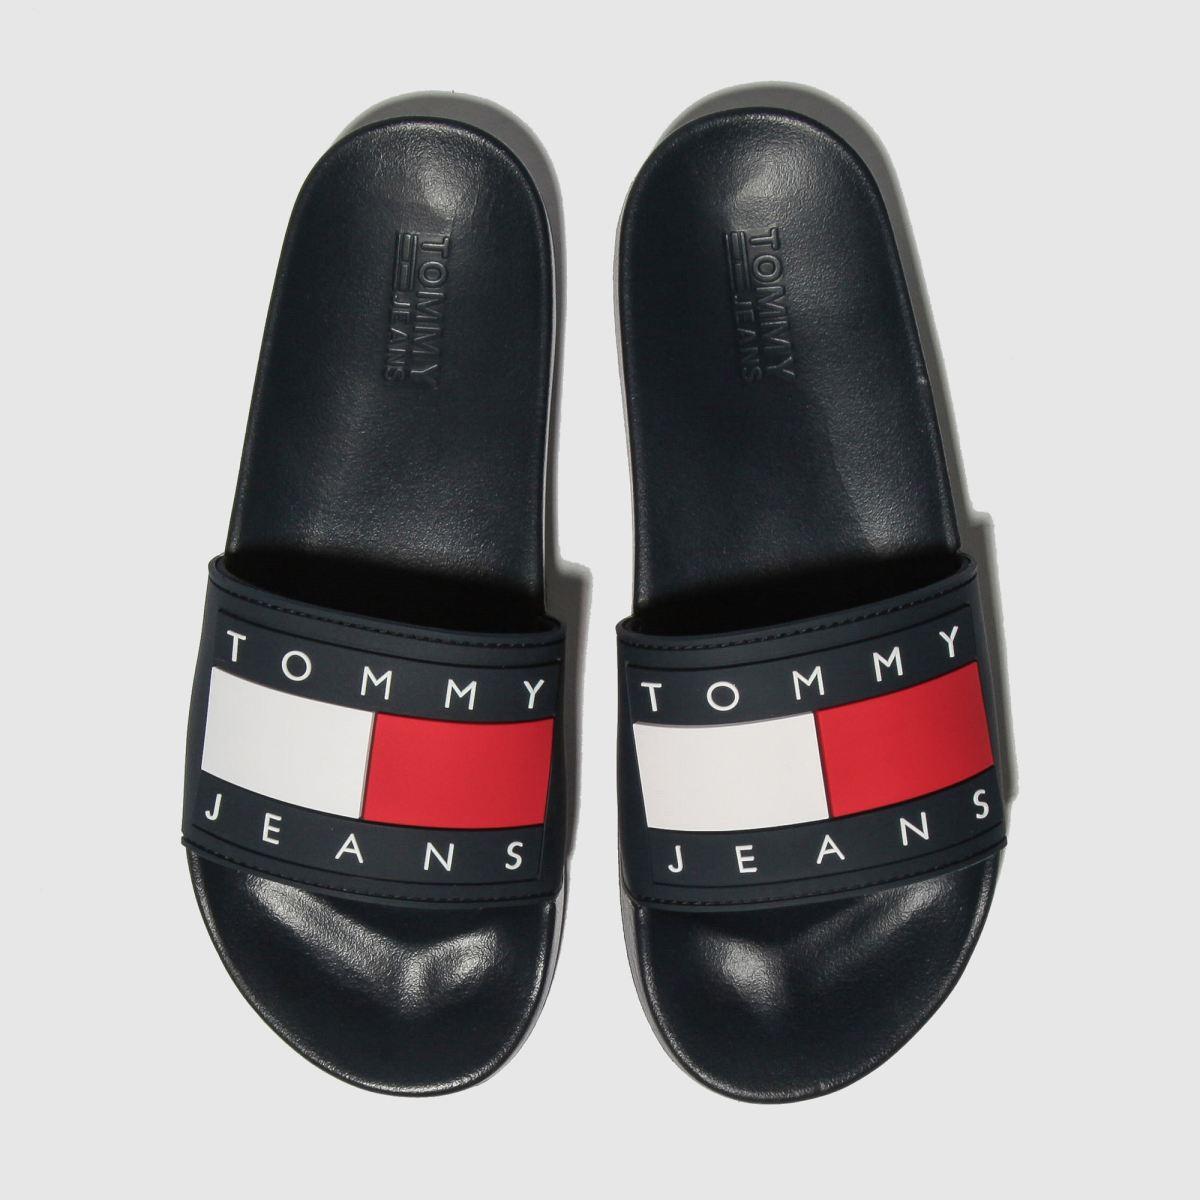 Tommy Hilfiger Navy Tj Flag Pool Slide Sandals